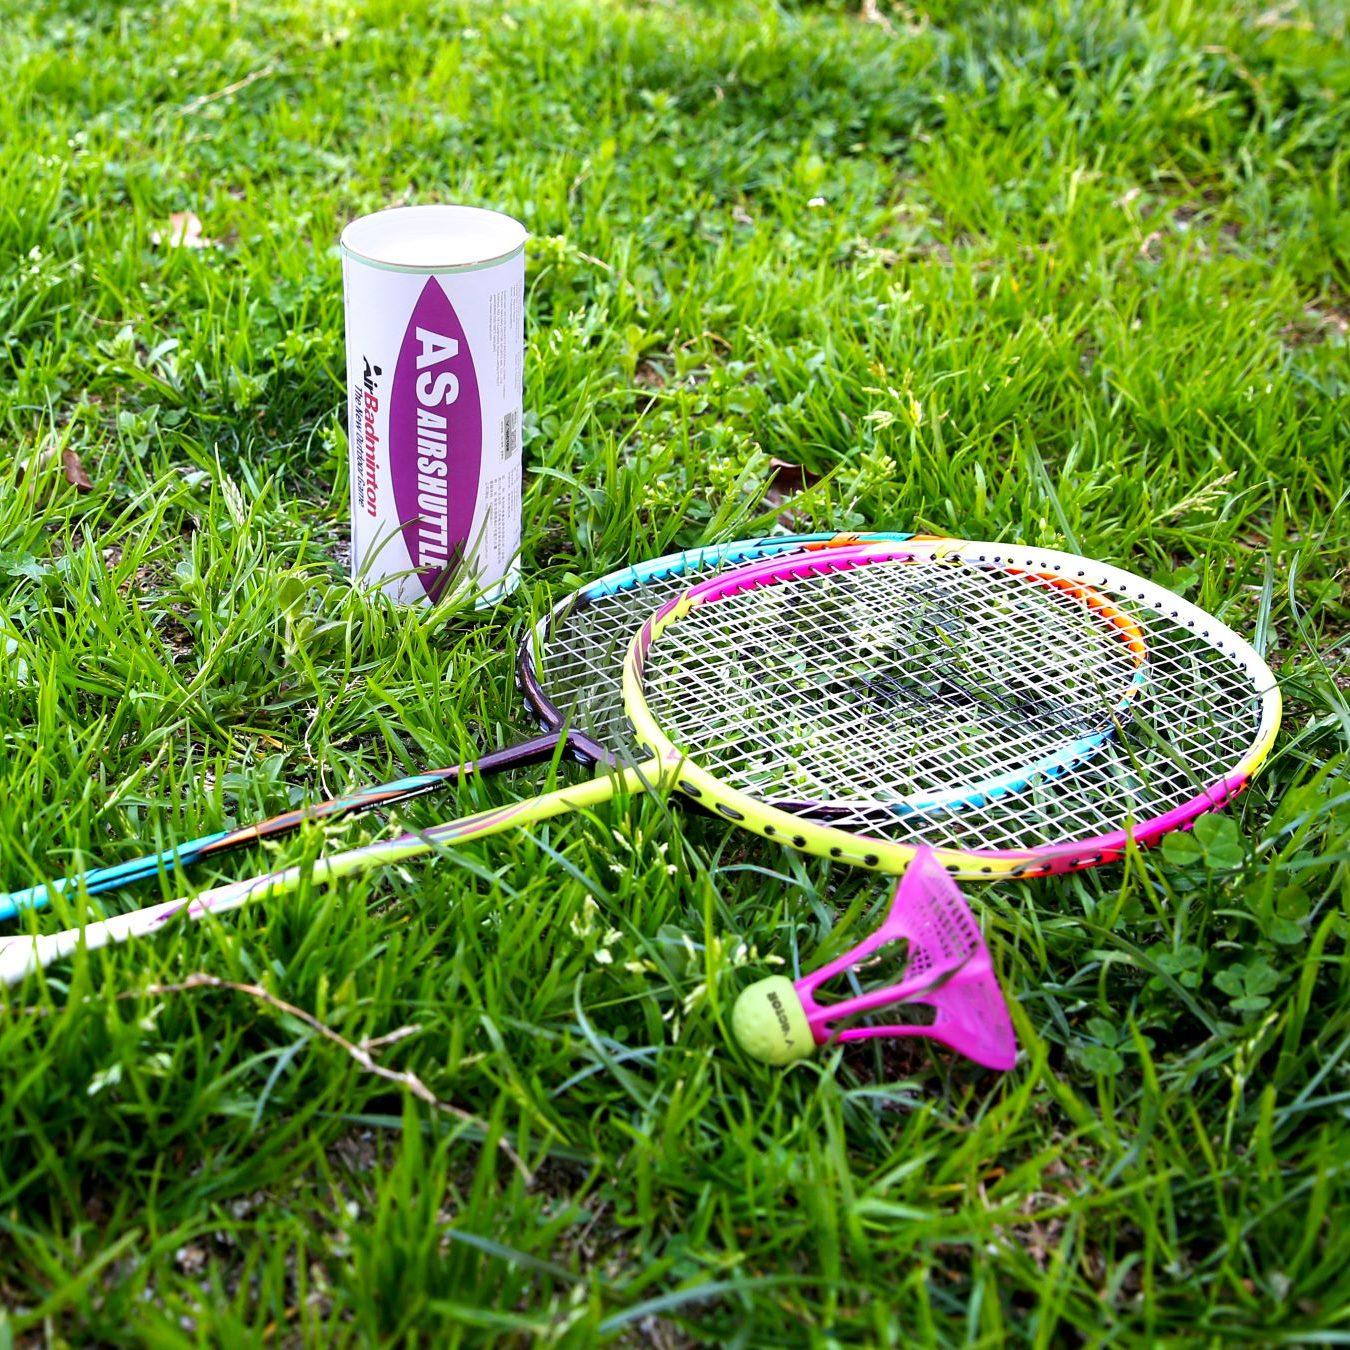 AIRBADMINTON - Badminton Oceania